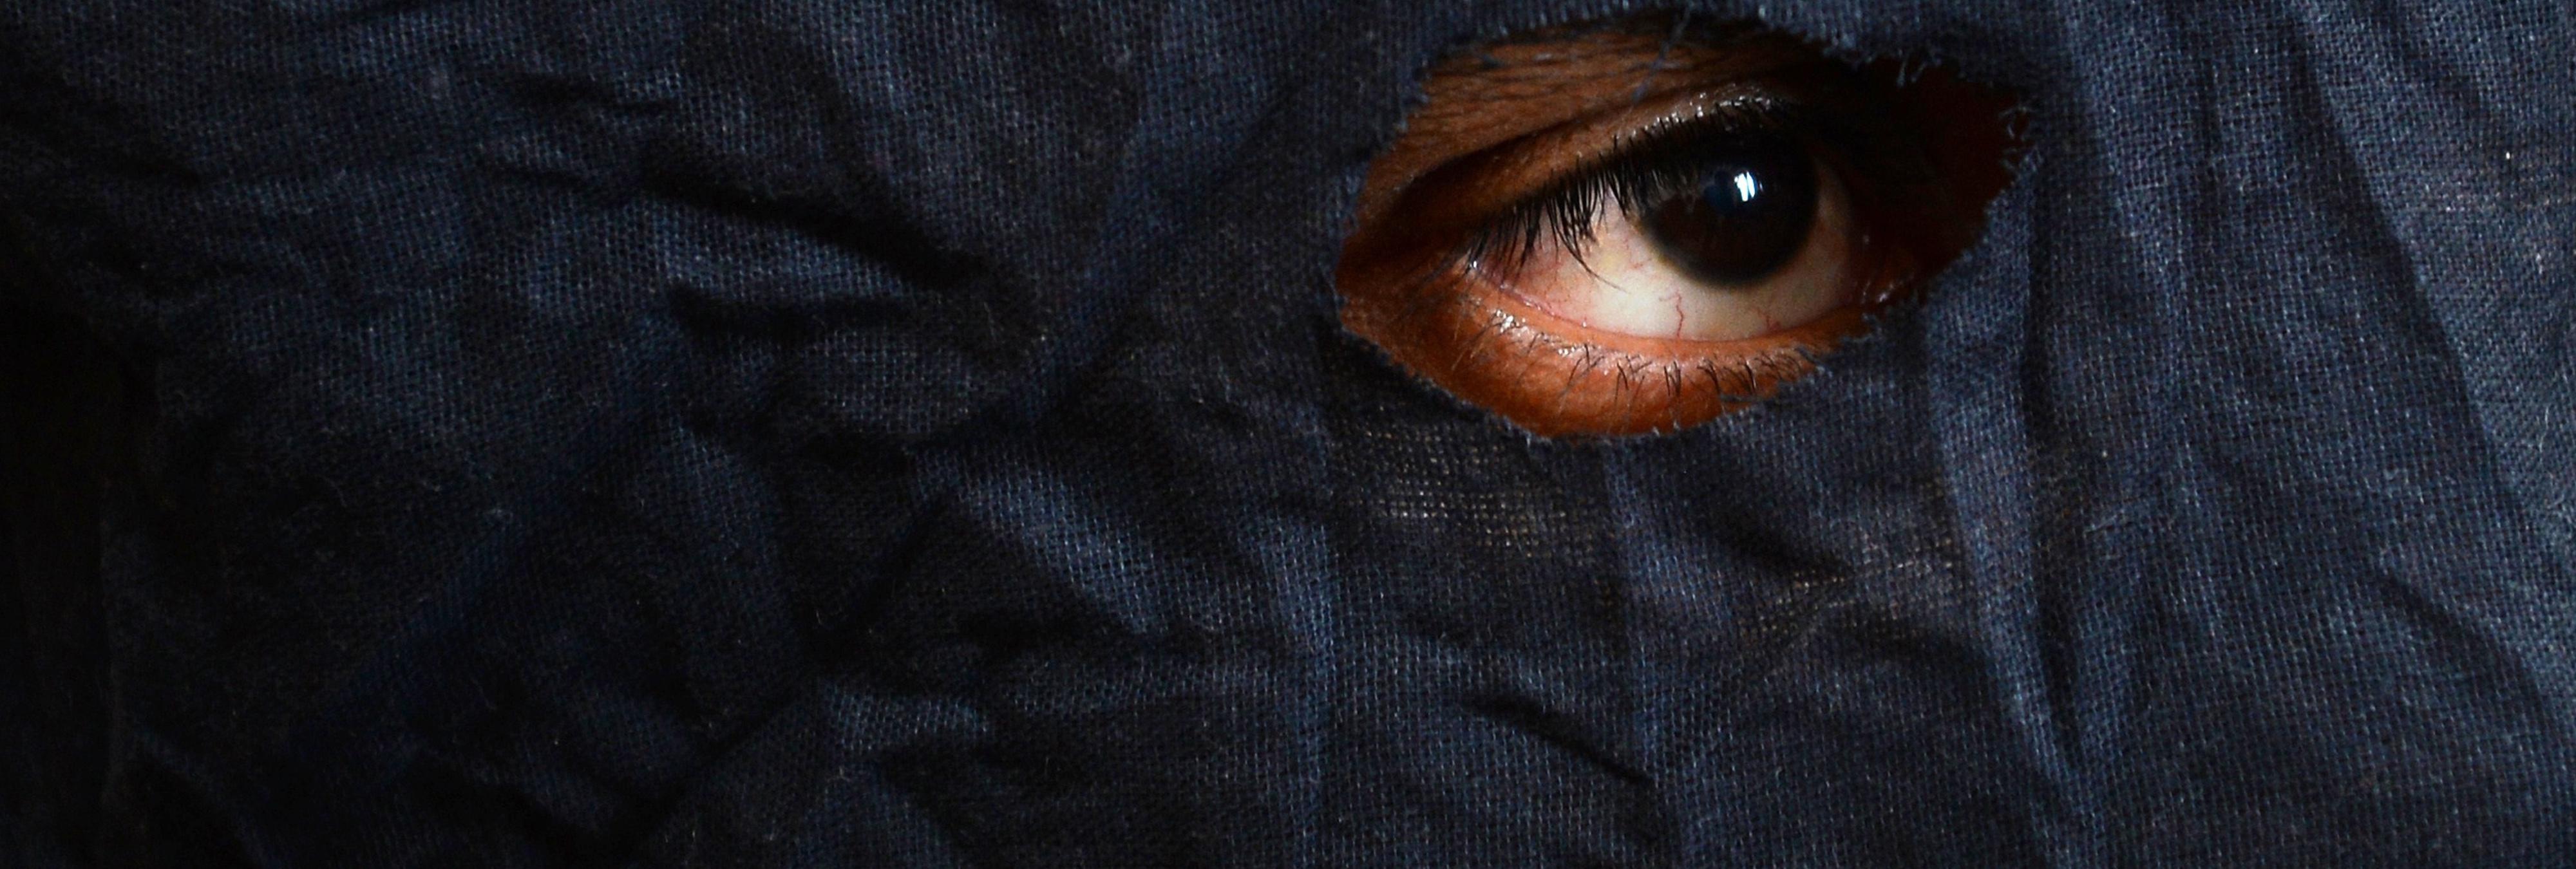 Queman viva a una niña en la India por resistirse a ser violada